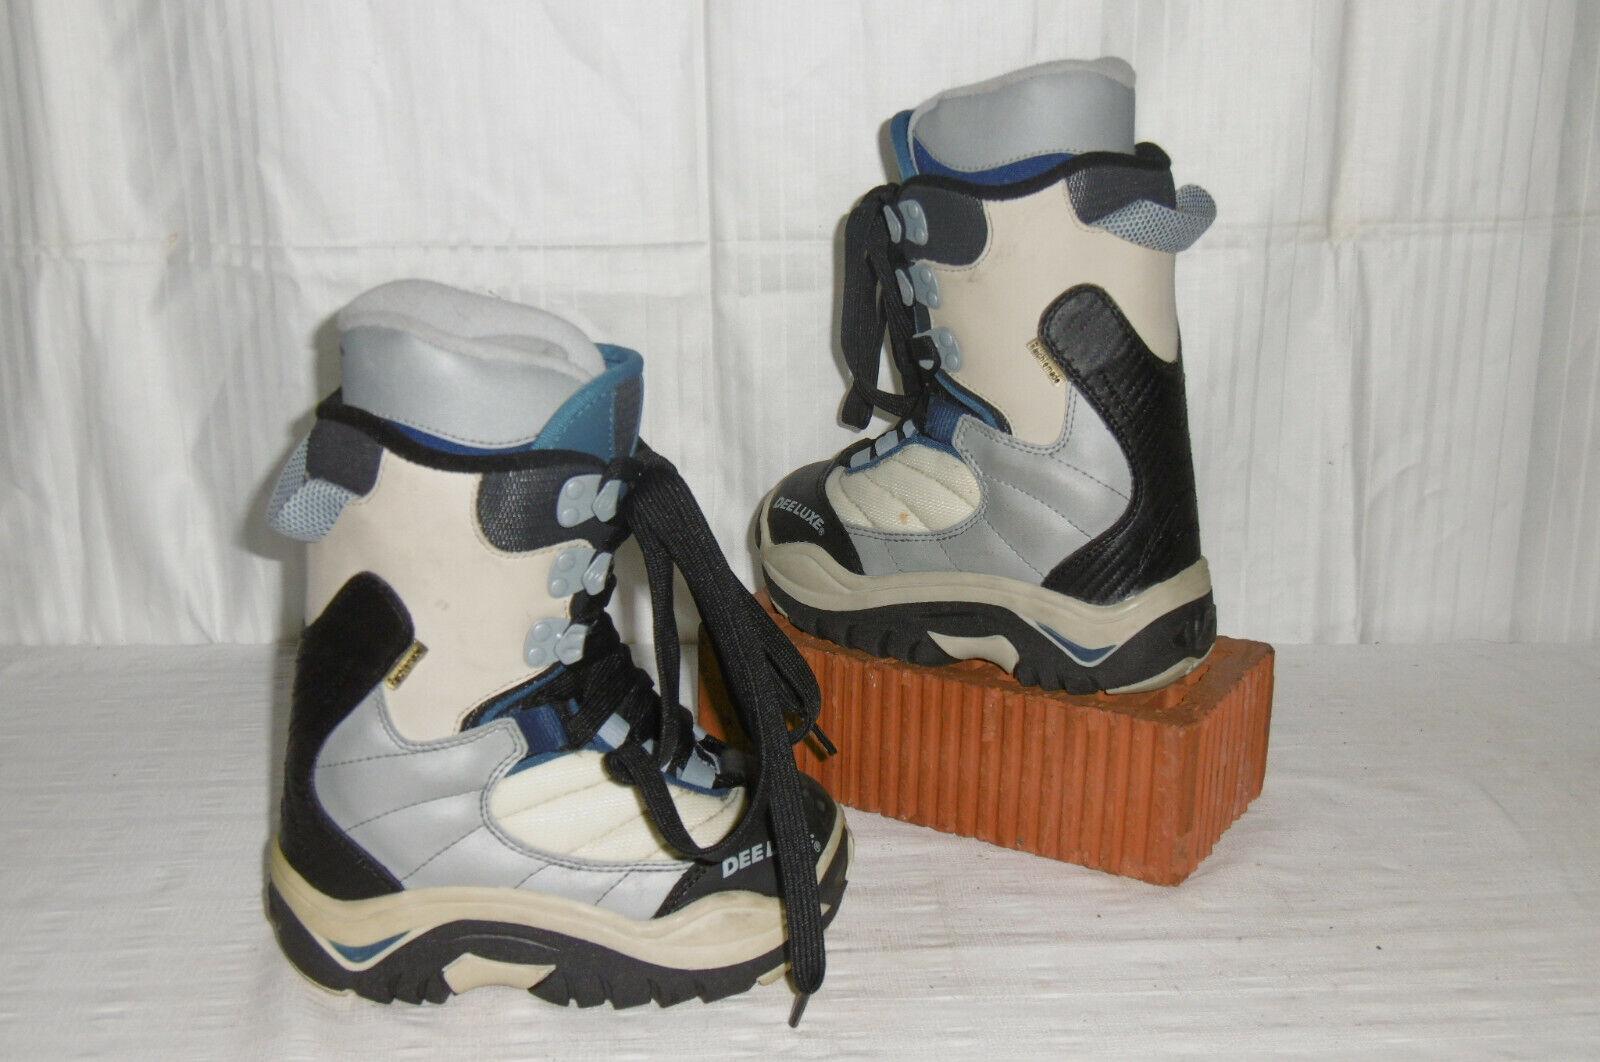 Deeluxe  DAEMON  Top Junior Snowboard Stiefel Größe  29